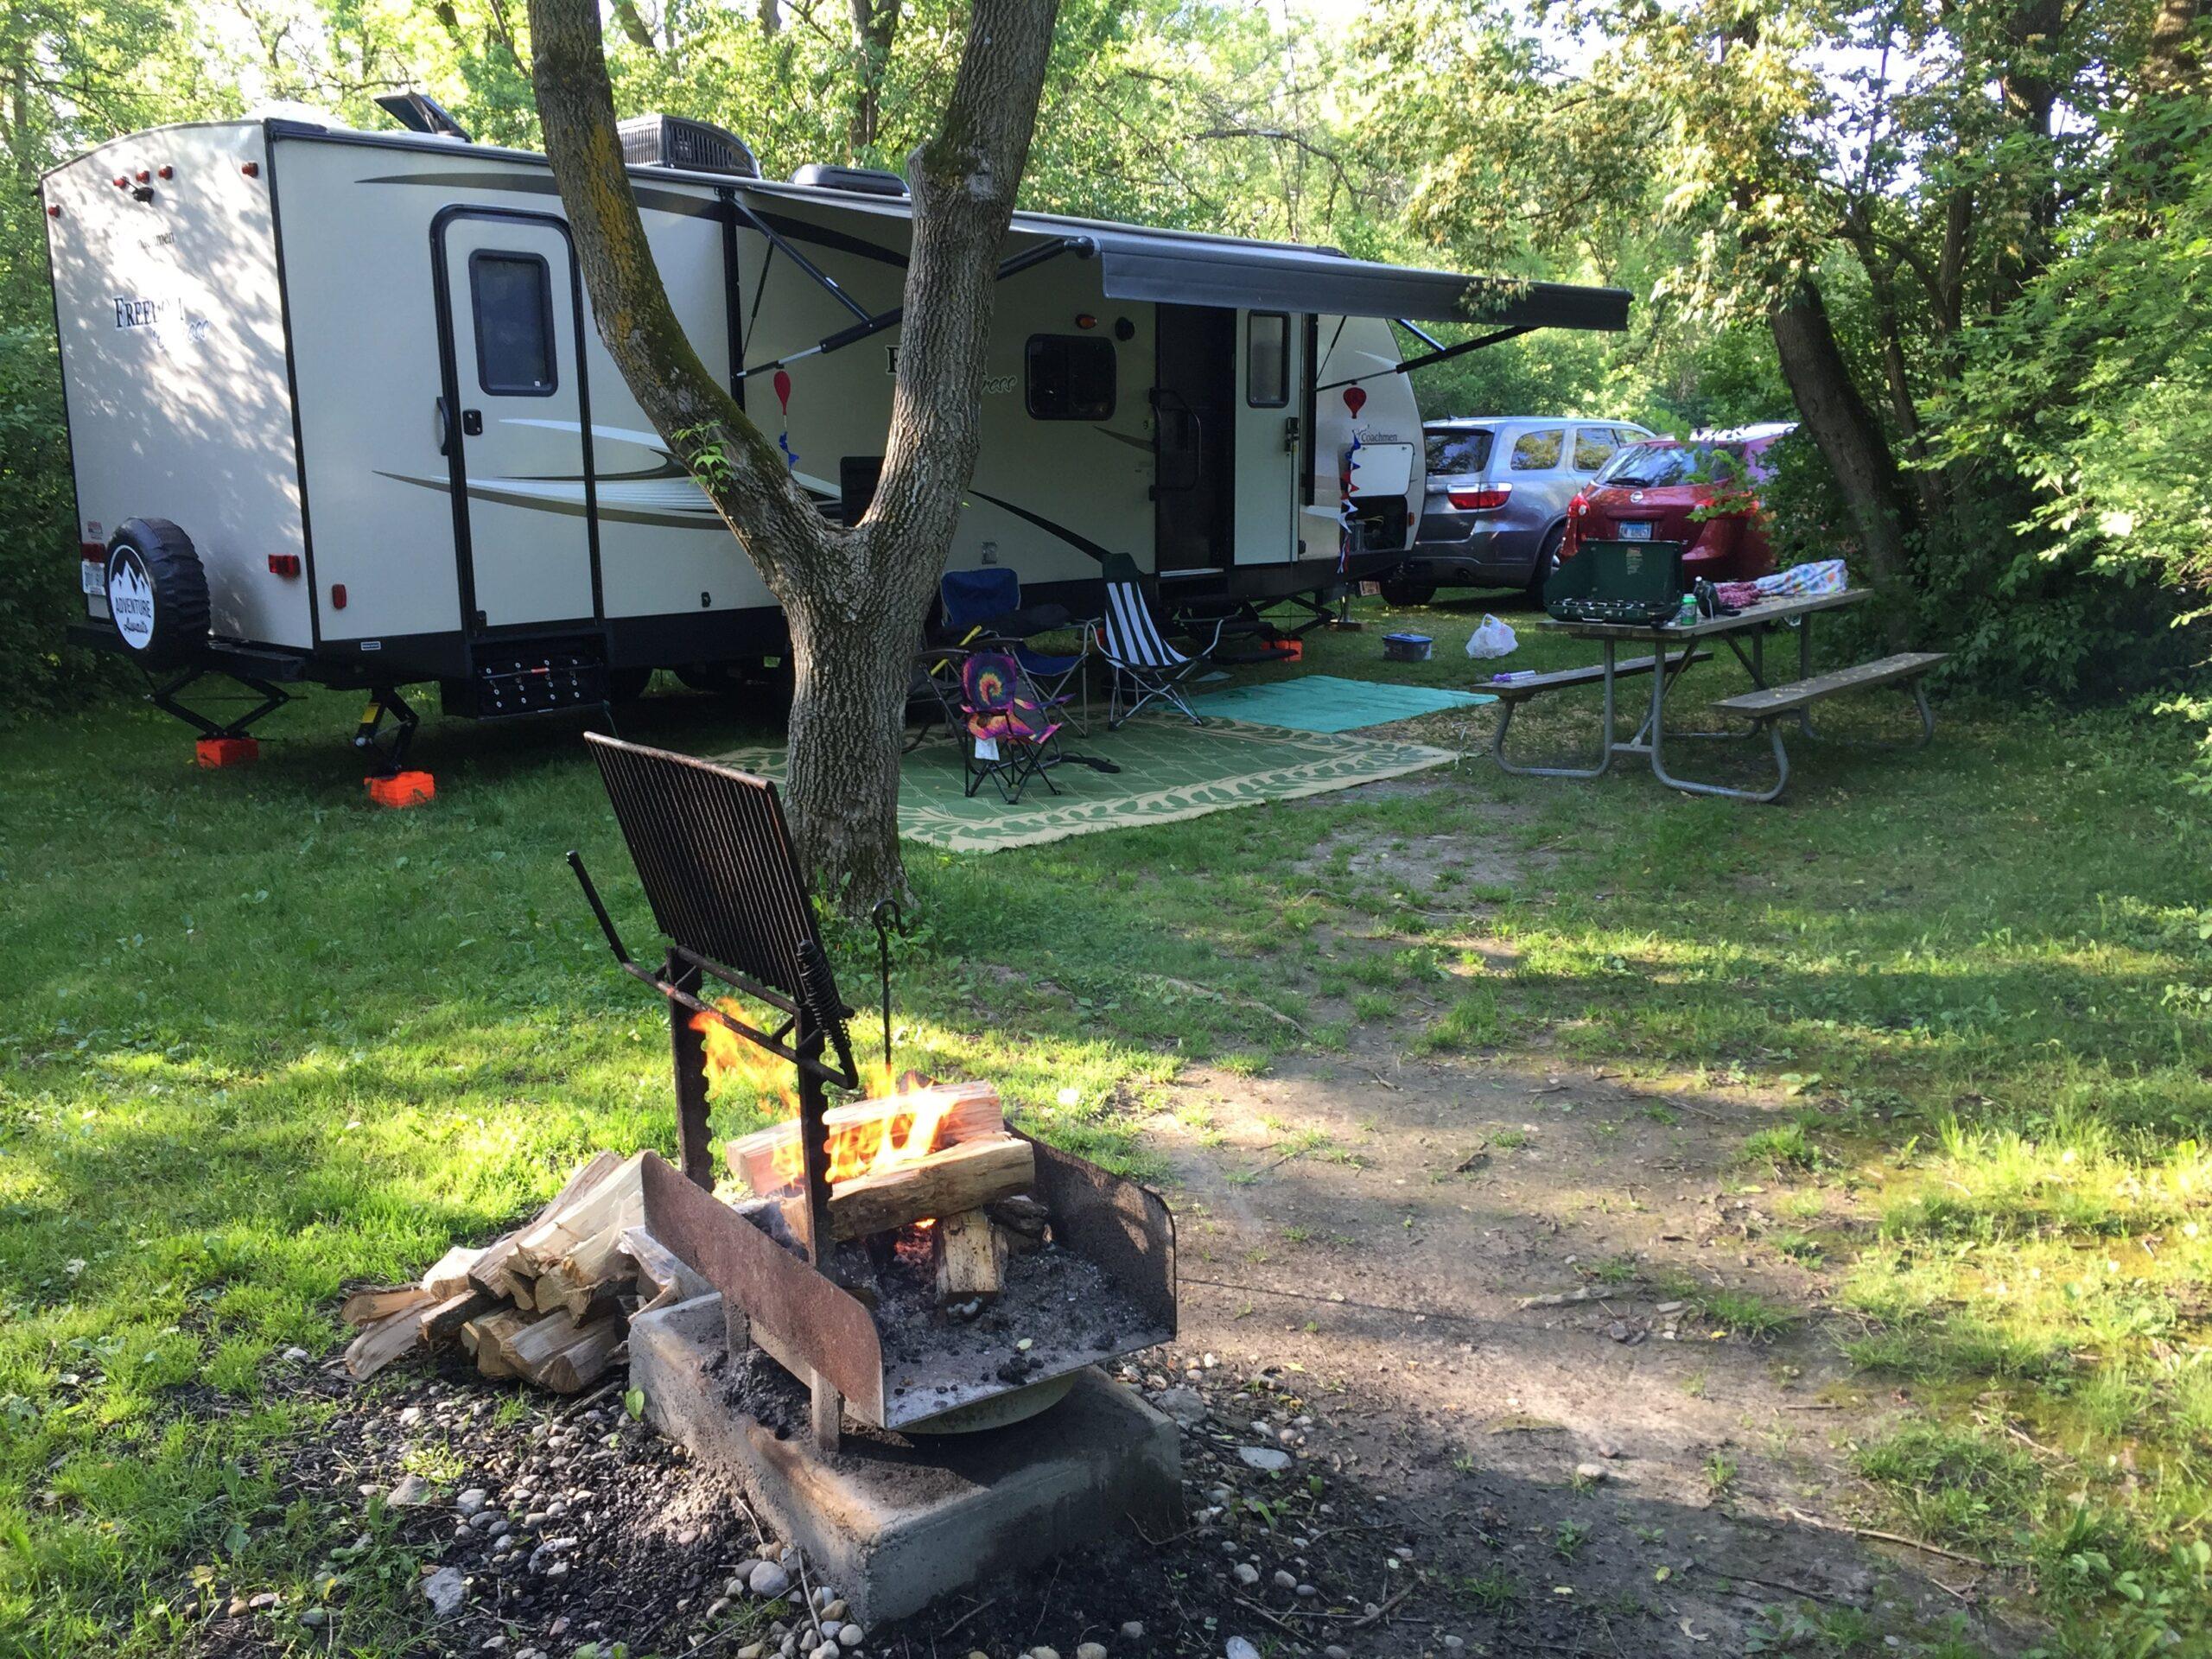 Rock Cut State Park RV